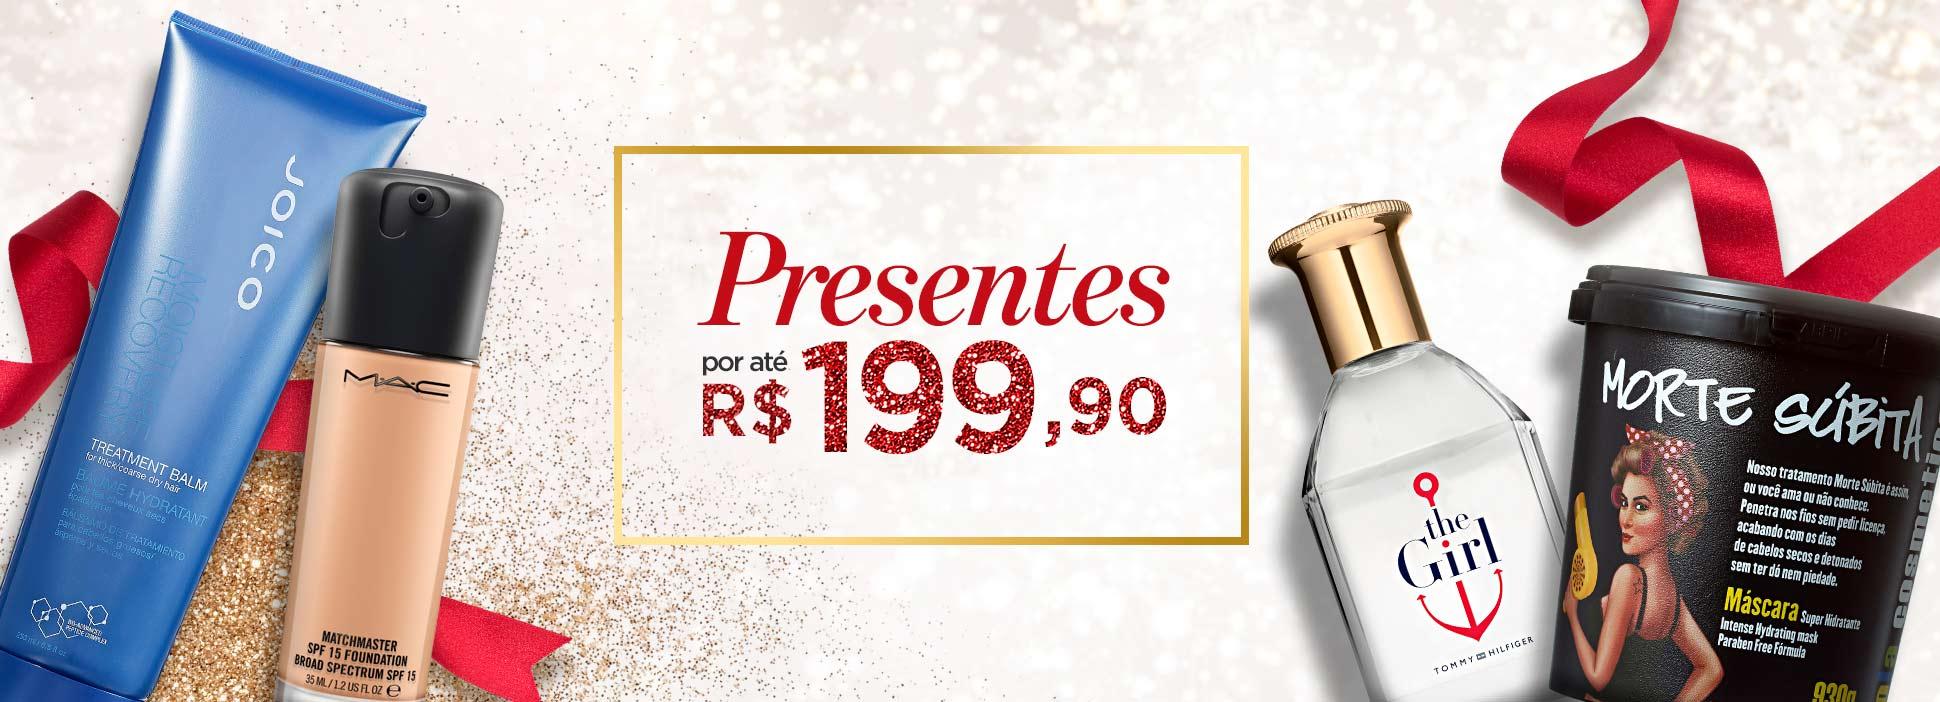 Presentes por até R$199,90